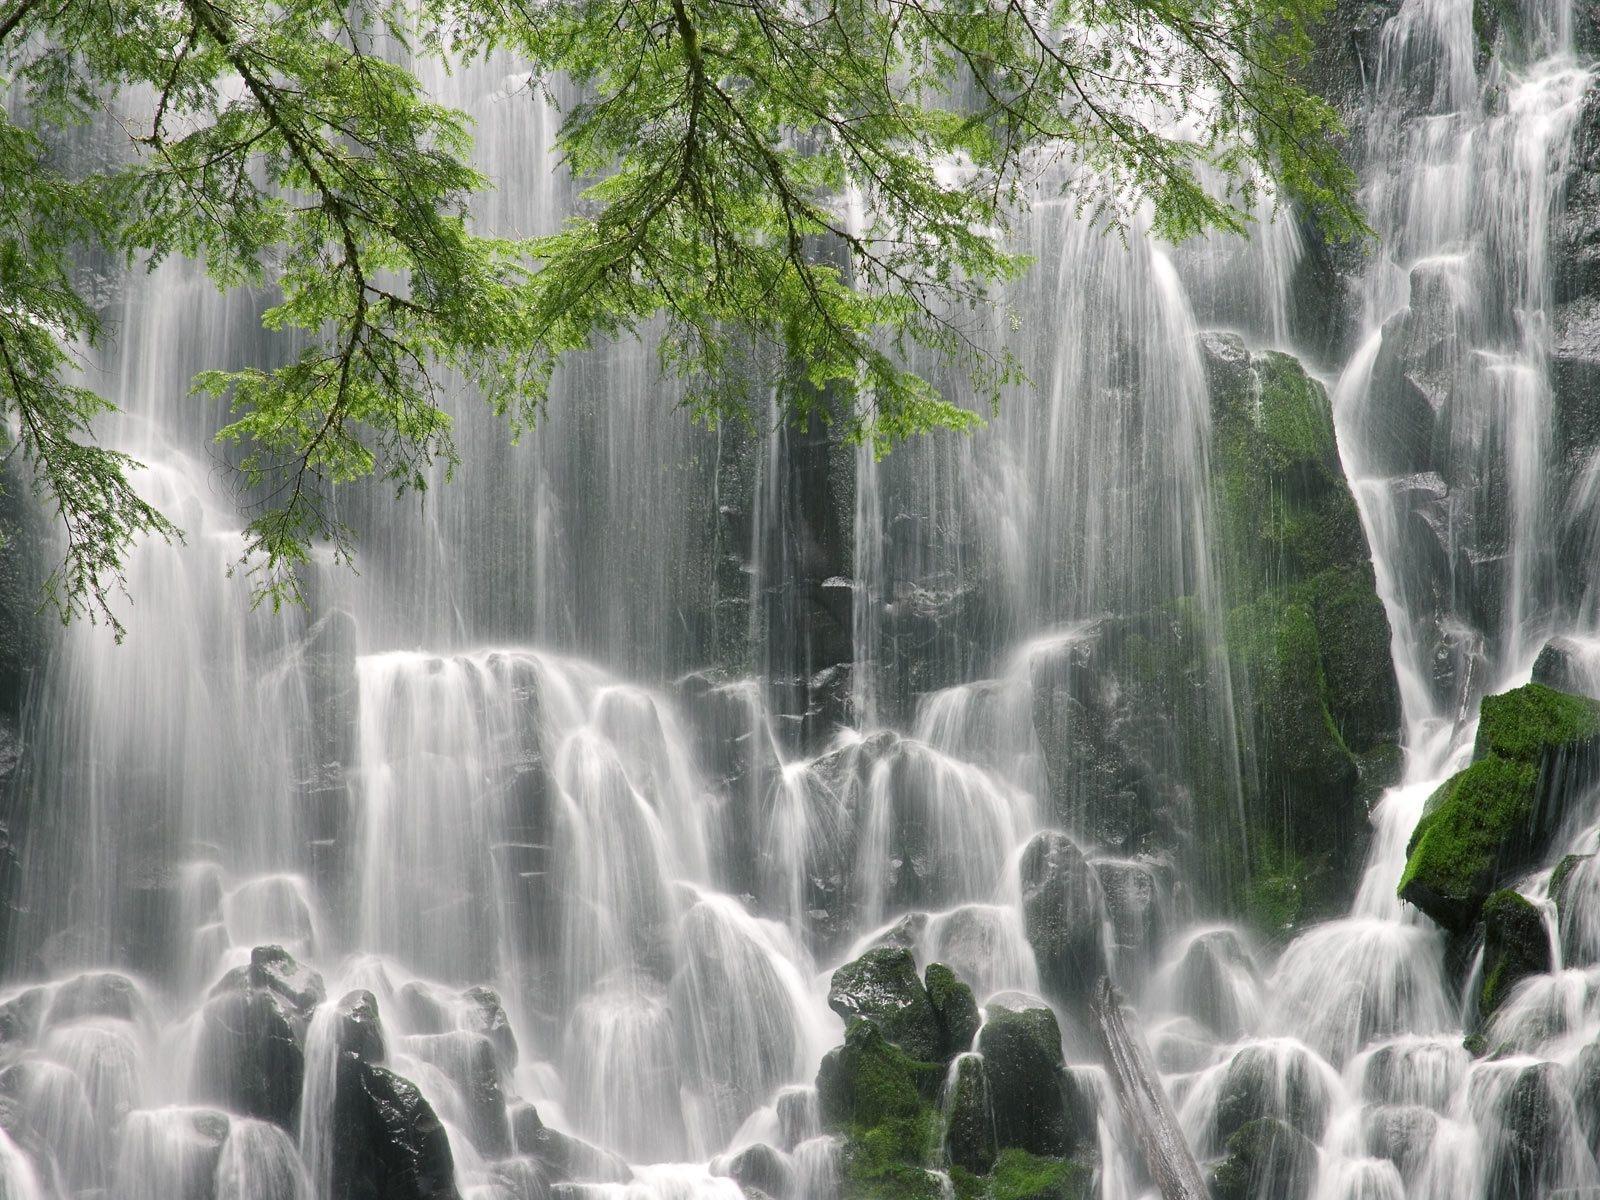 http://1.bp.blogspot.com/-Fb8_tftjtzo/Ts6IVRdD2UI/AAAAAAAAGwo/h6blWRsuQ4Q/s1600/Ramona+Falls_+Mount+Hood+Wilderness_+Oregon.JPG